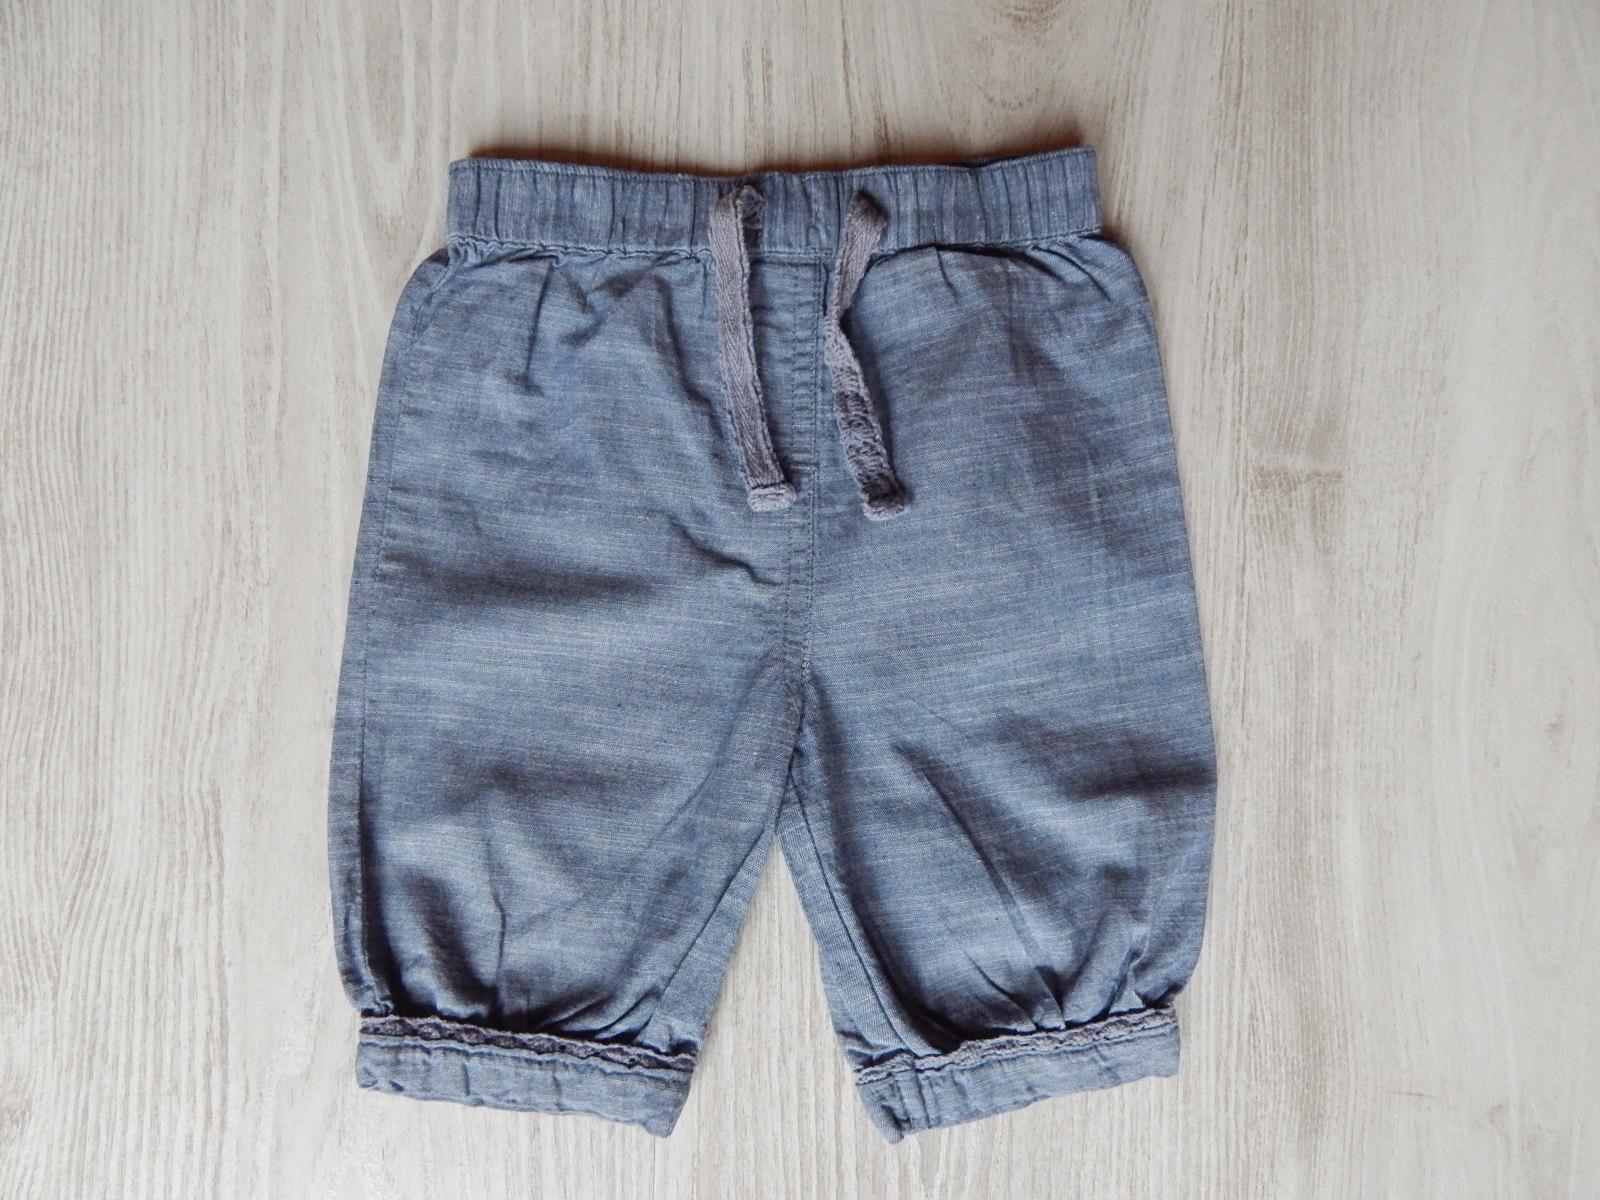 d723585345 Kék vászon nadrág [80 (9-12 hó) / Lány ruhák] :: Lótusz Gyerekruha ...